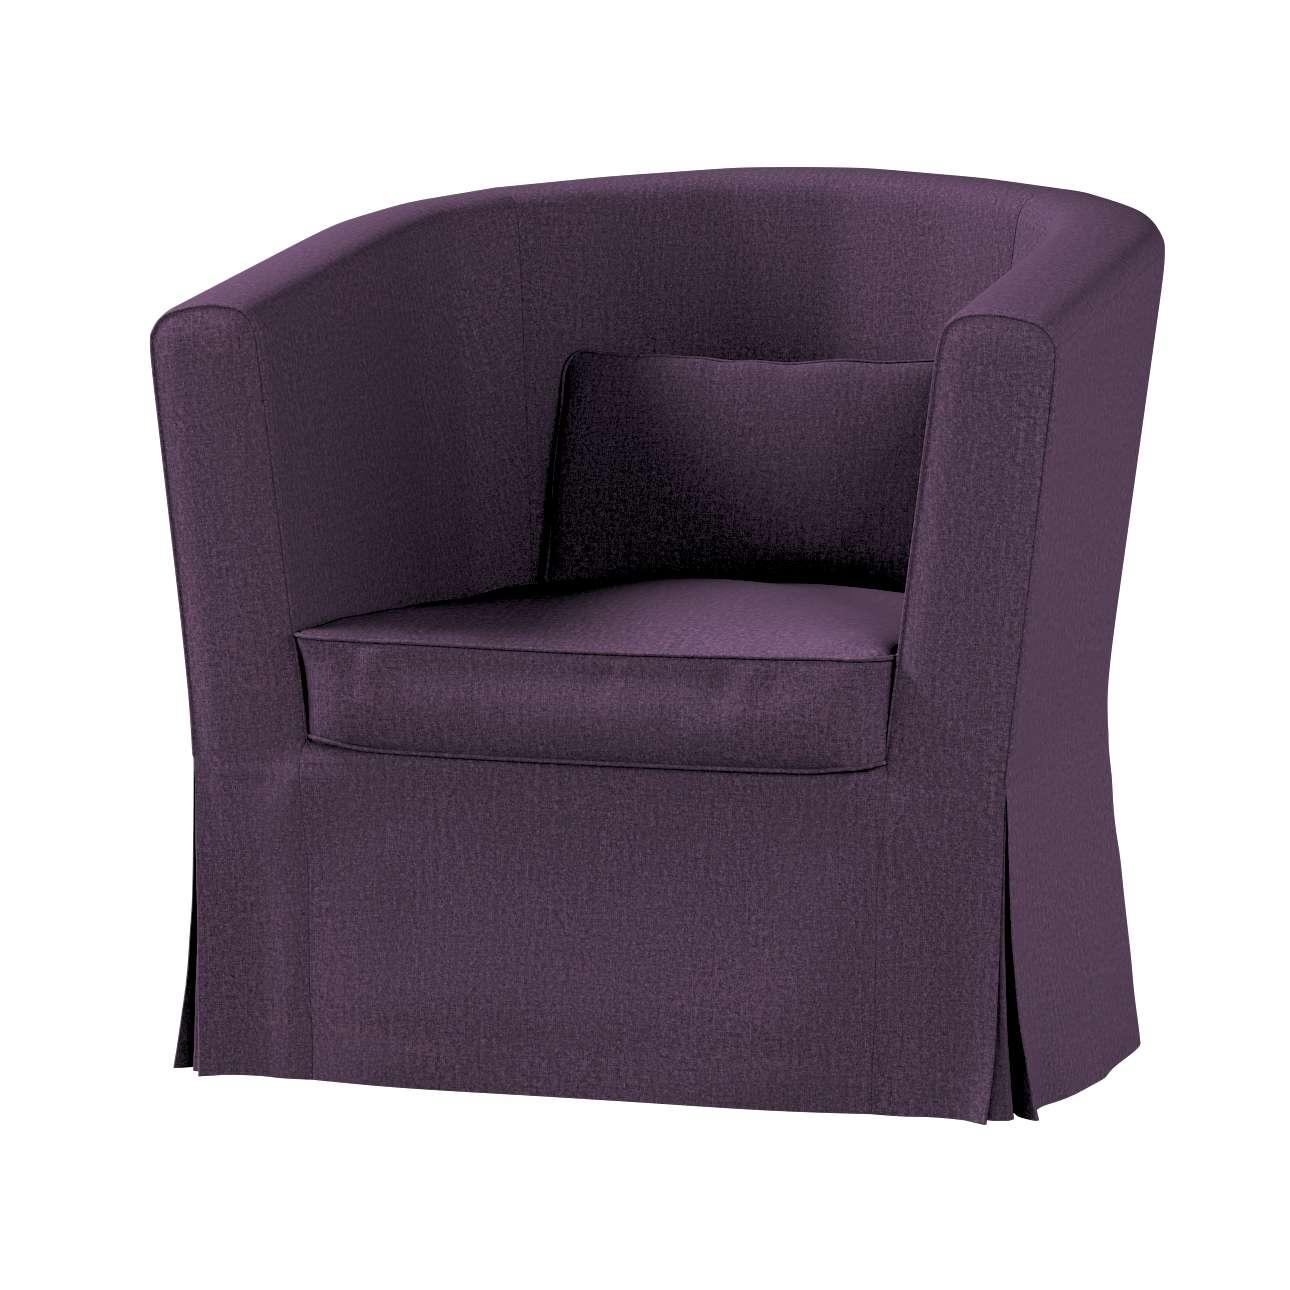 Bezug für Ektorp Tullsta Sessel von der Kollektion Living, Stoff: 161-67